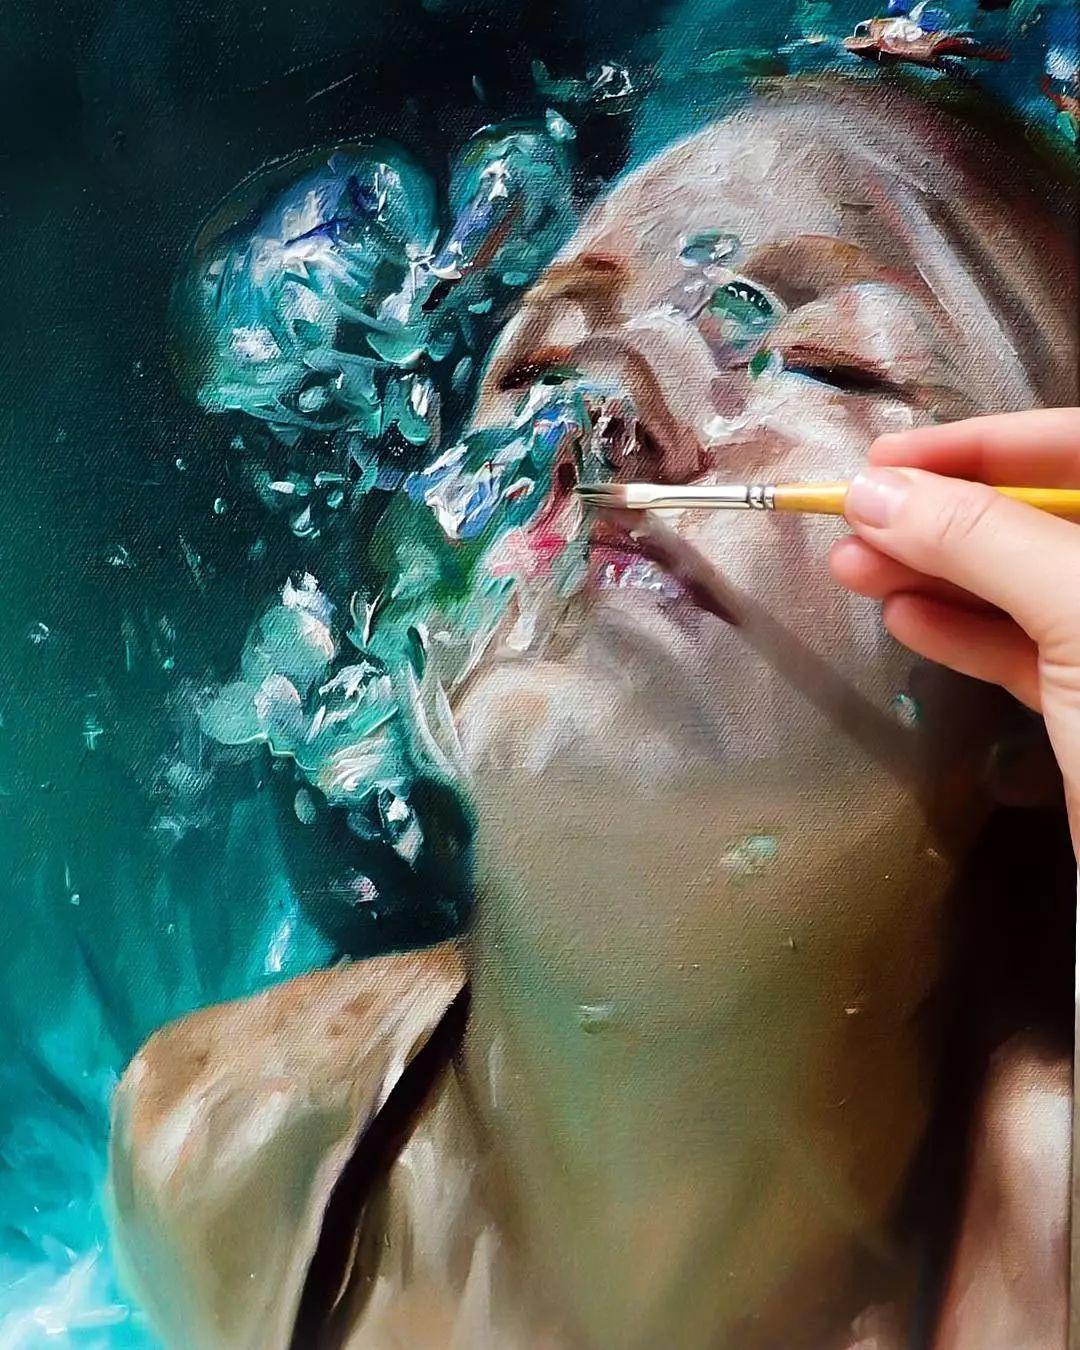 炎炎夏日90后美女画家,不拼颜值拼画功,绘出水下美女淋漓细节插图10